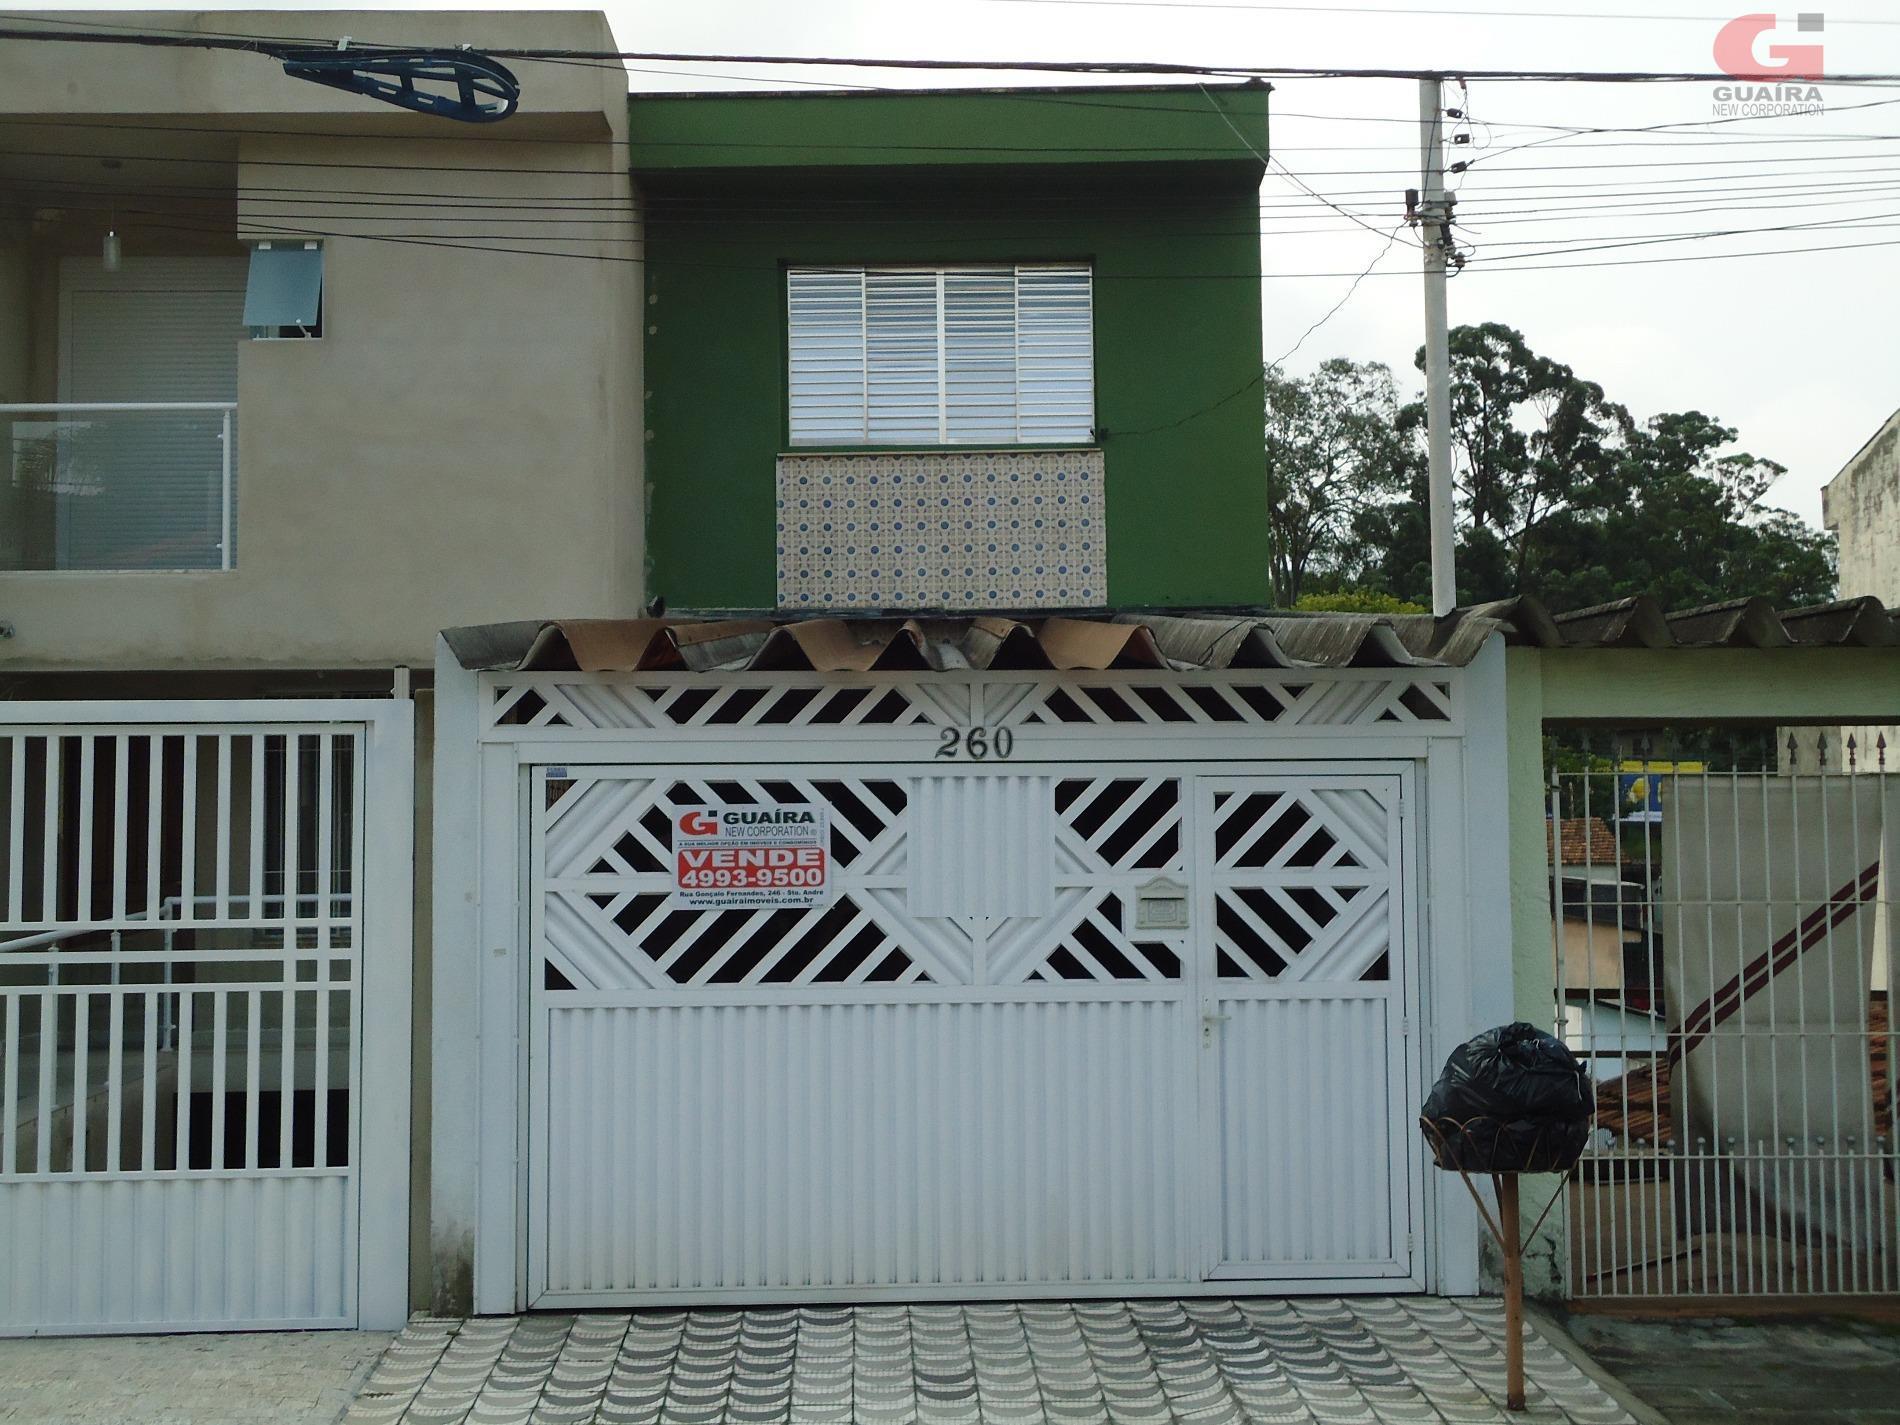 Sobrado de 2 dormitórios à venda em Vila Alice, Santo André - SP